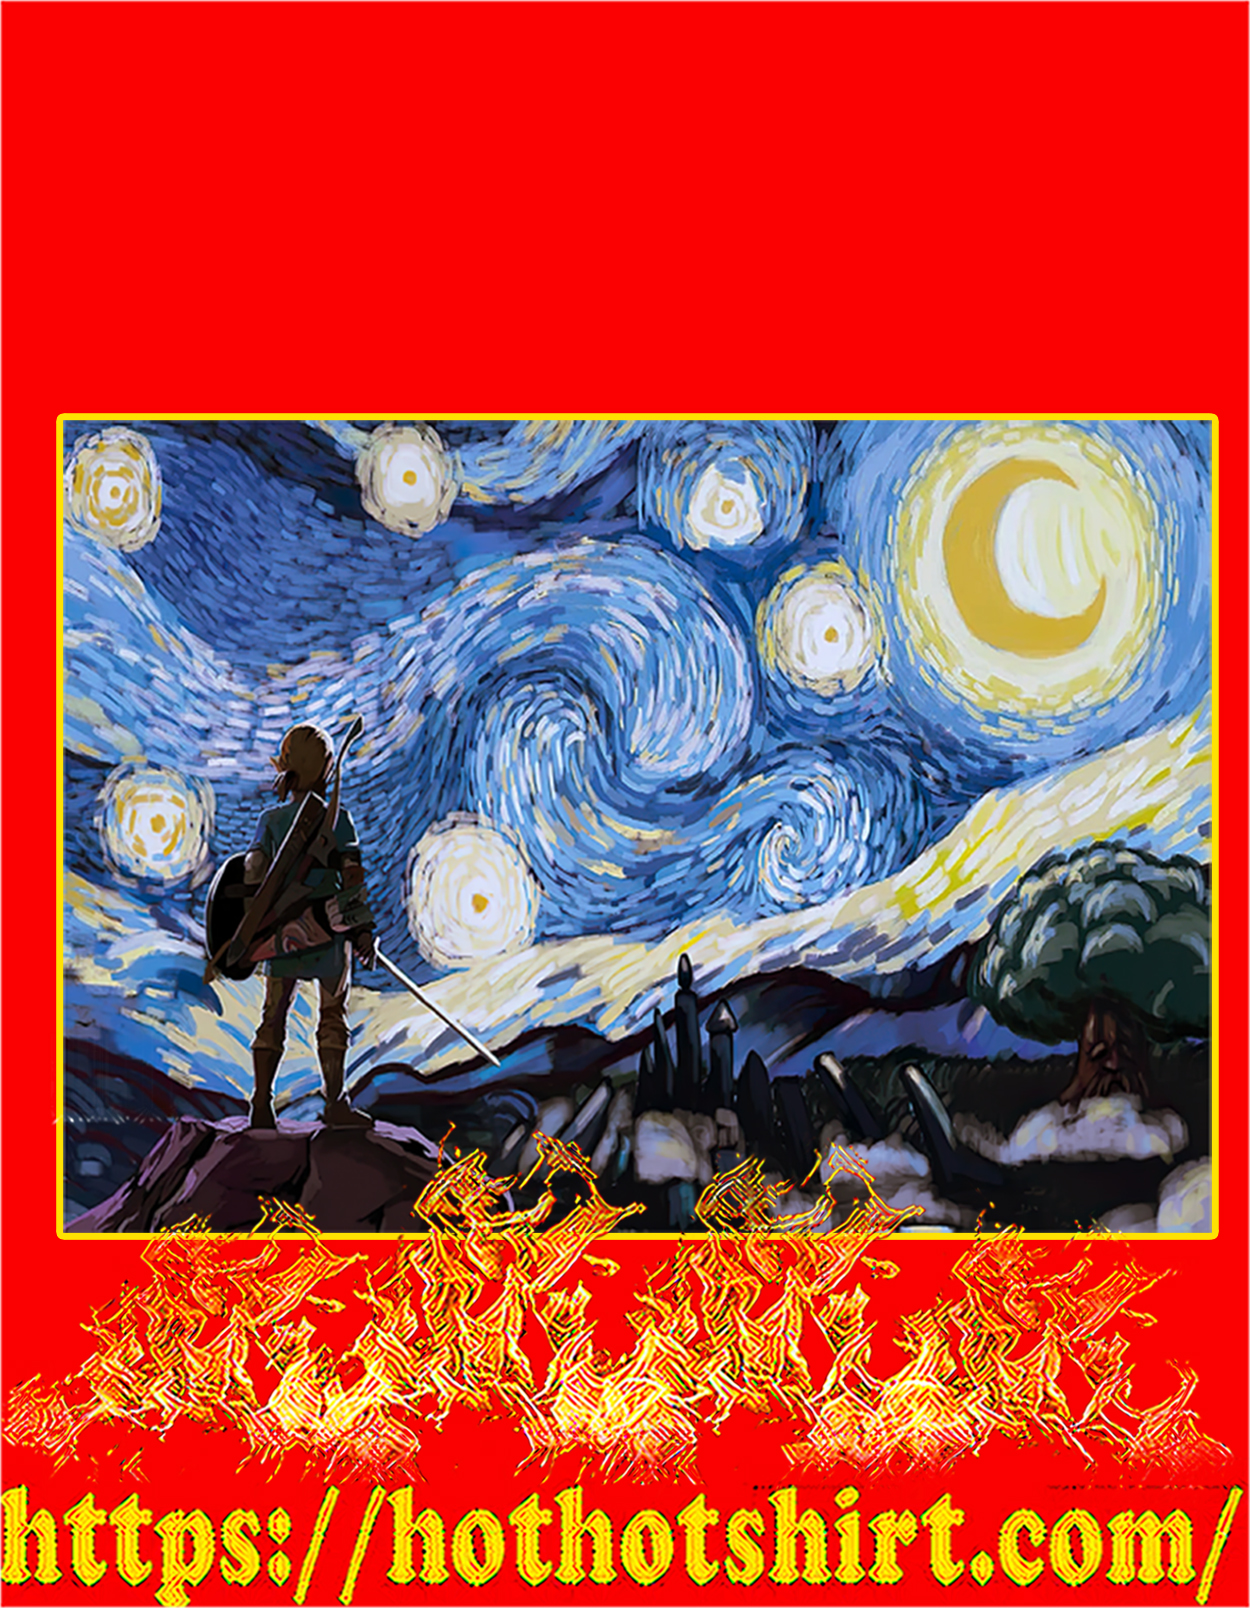 Zelda starry night van gogh poster - A3